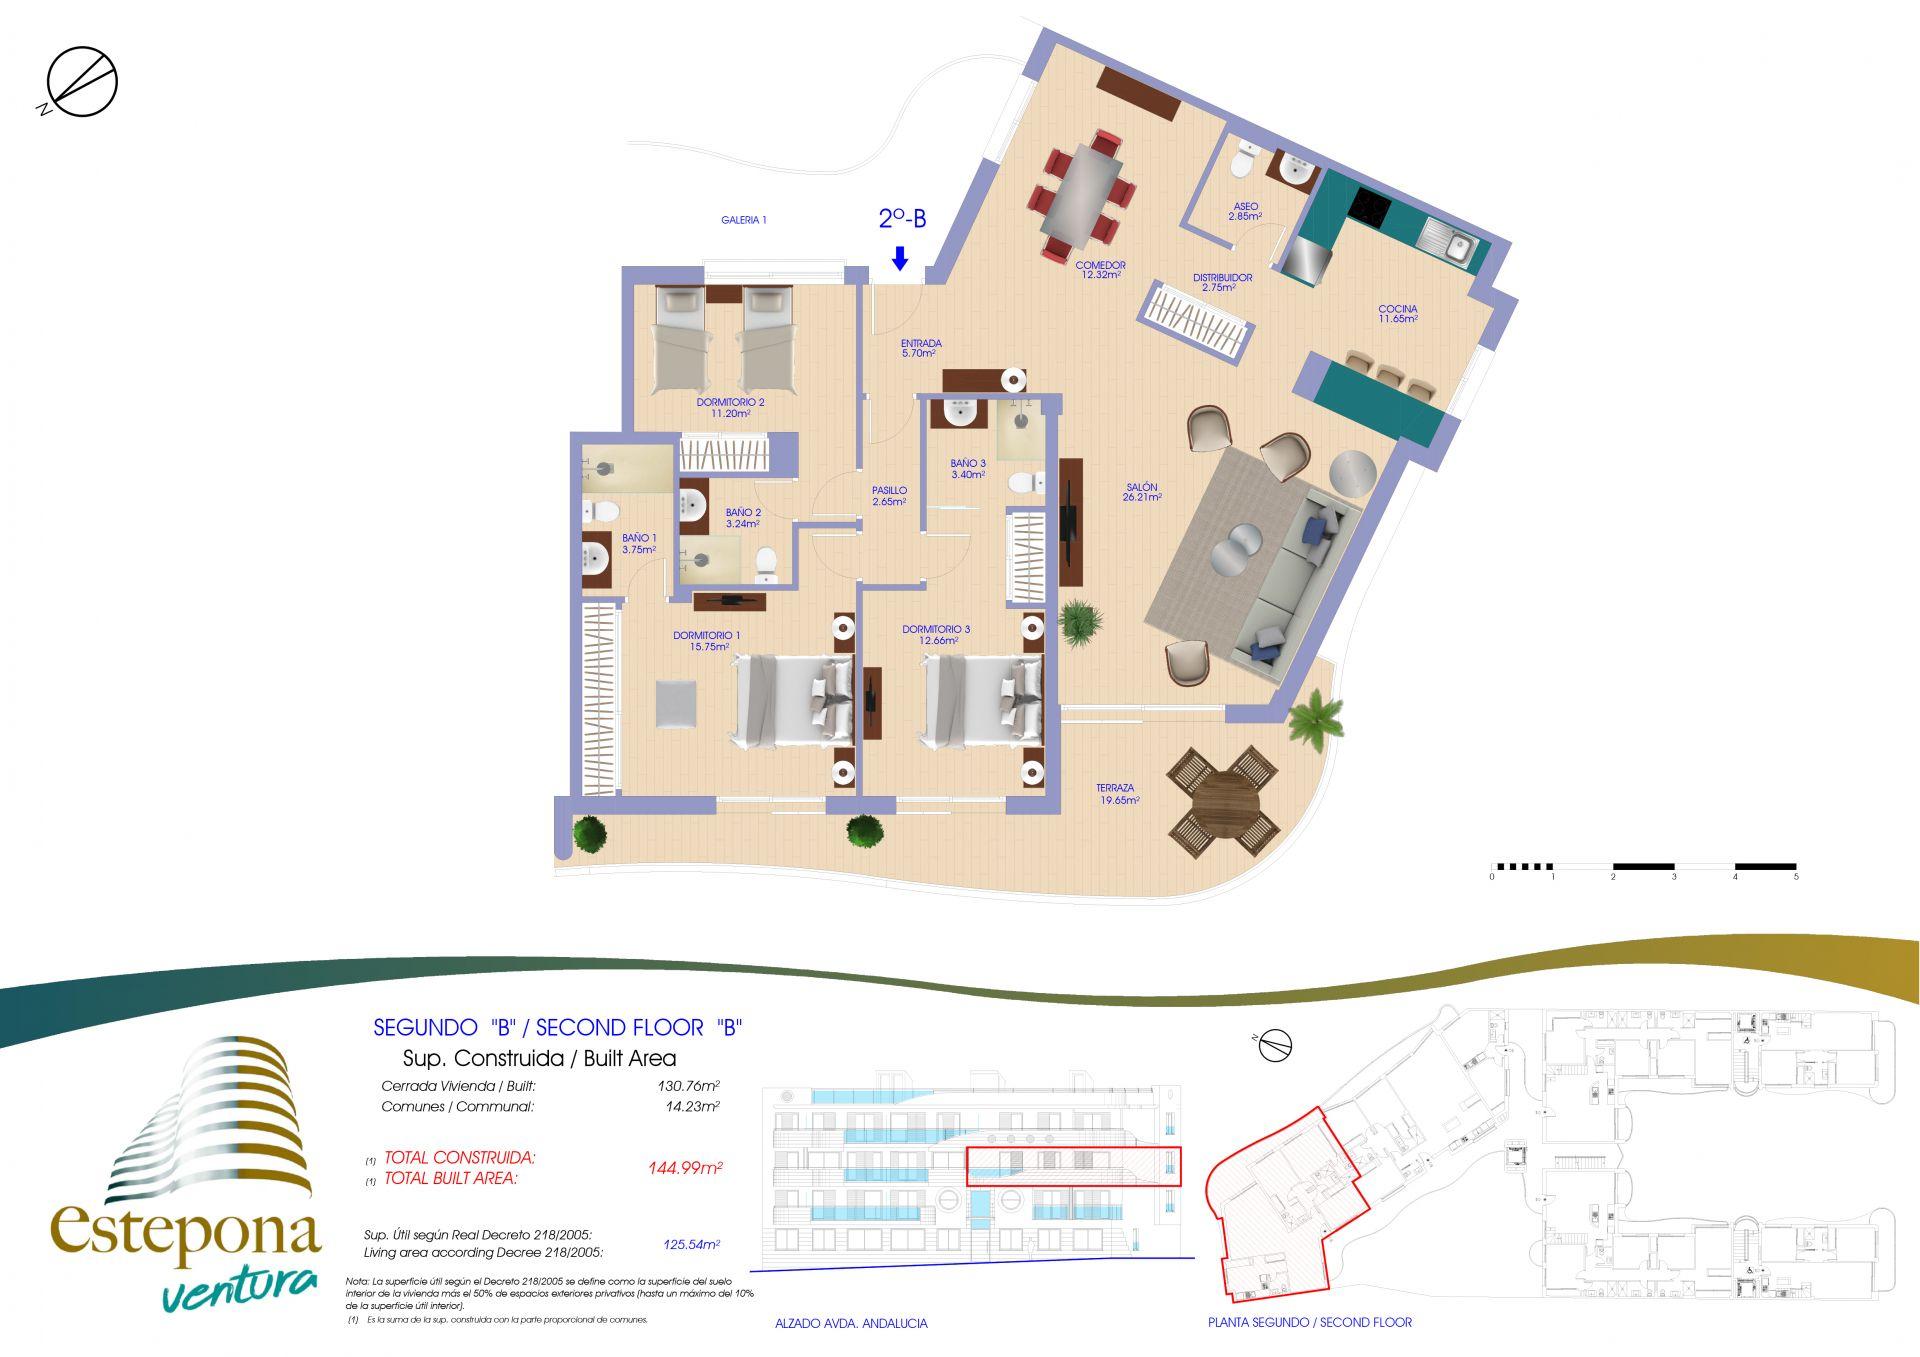 20201221 2º B 1 1 - Ventura Estepona | Compra de casa en Estepona